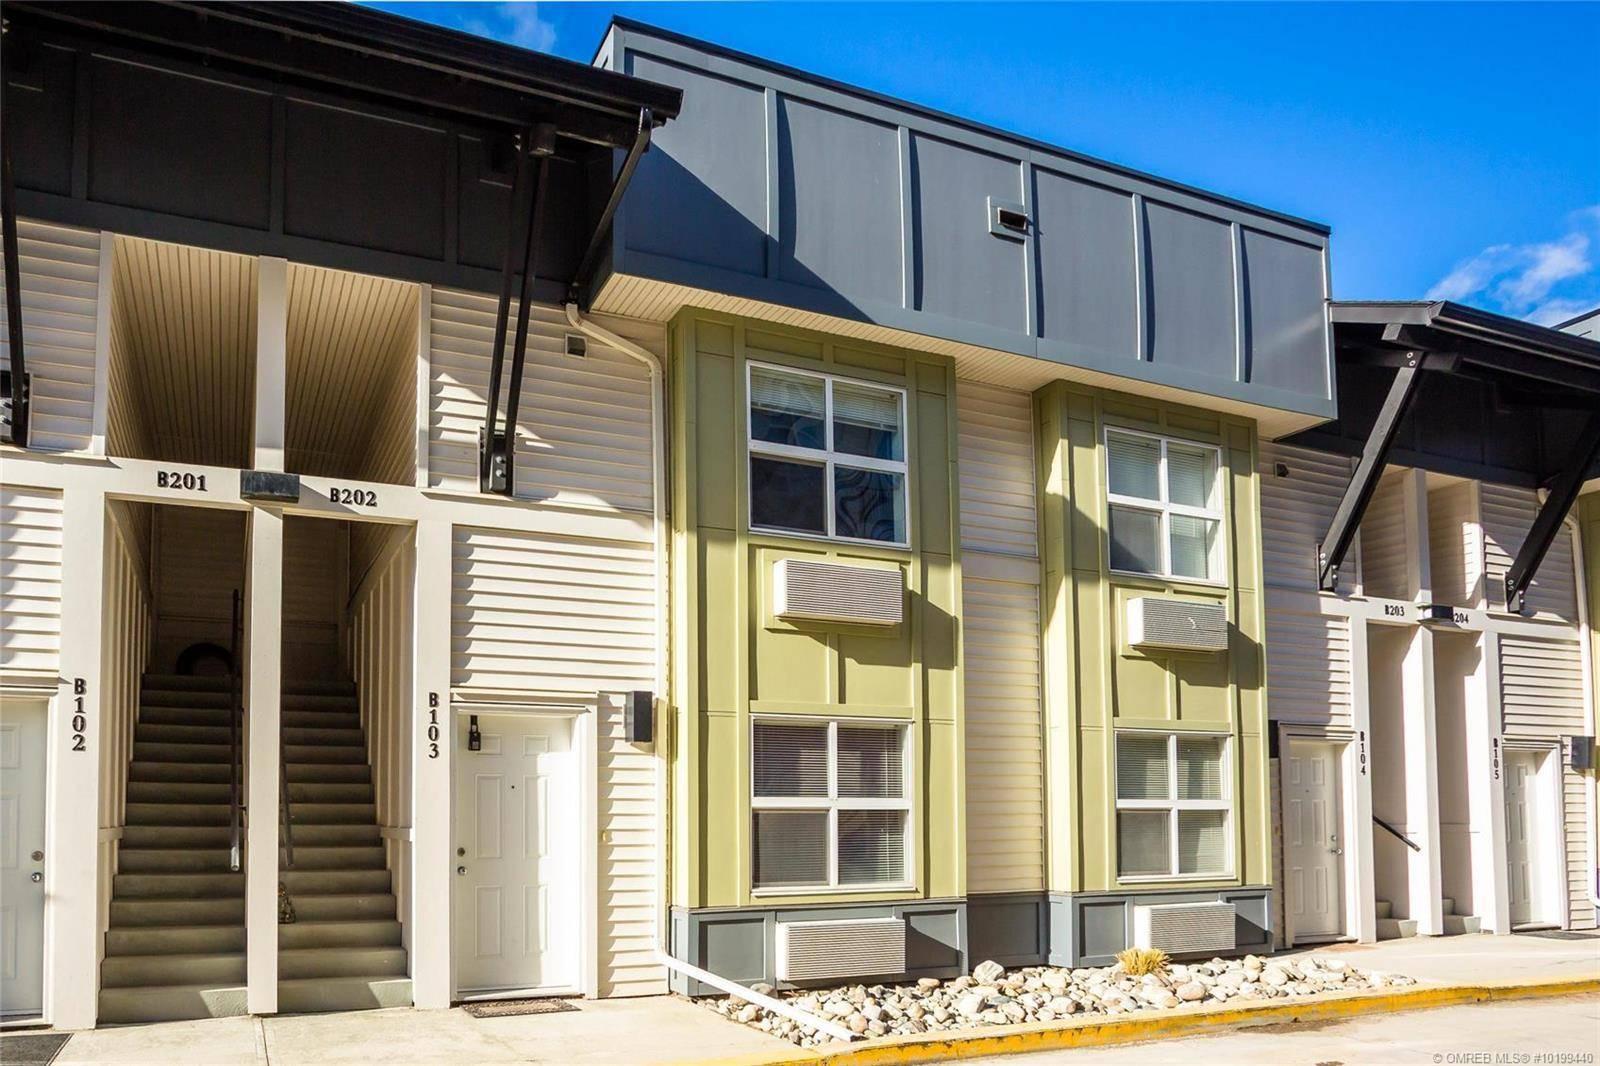 Condo for sale at 1477 Glenmore Rd Unit 103b Kelowna British Columbia - MLS: 10199440